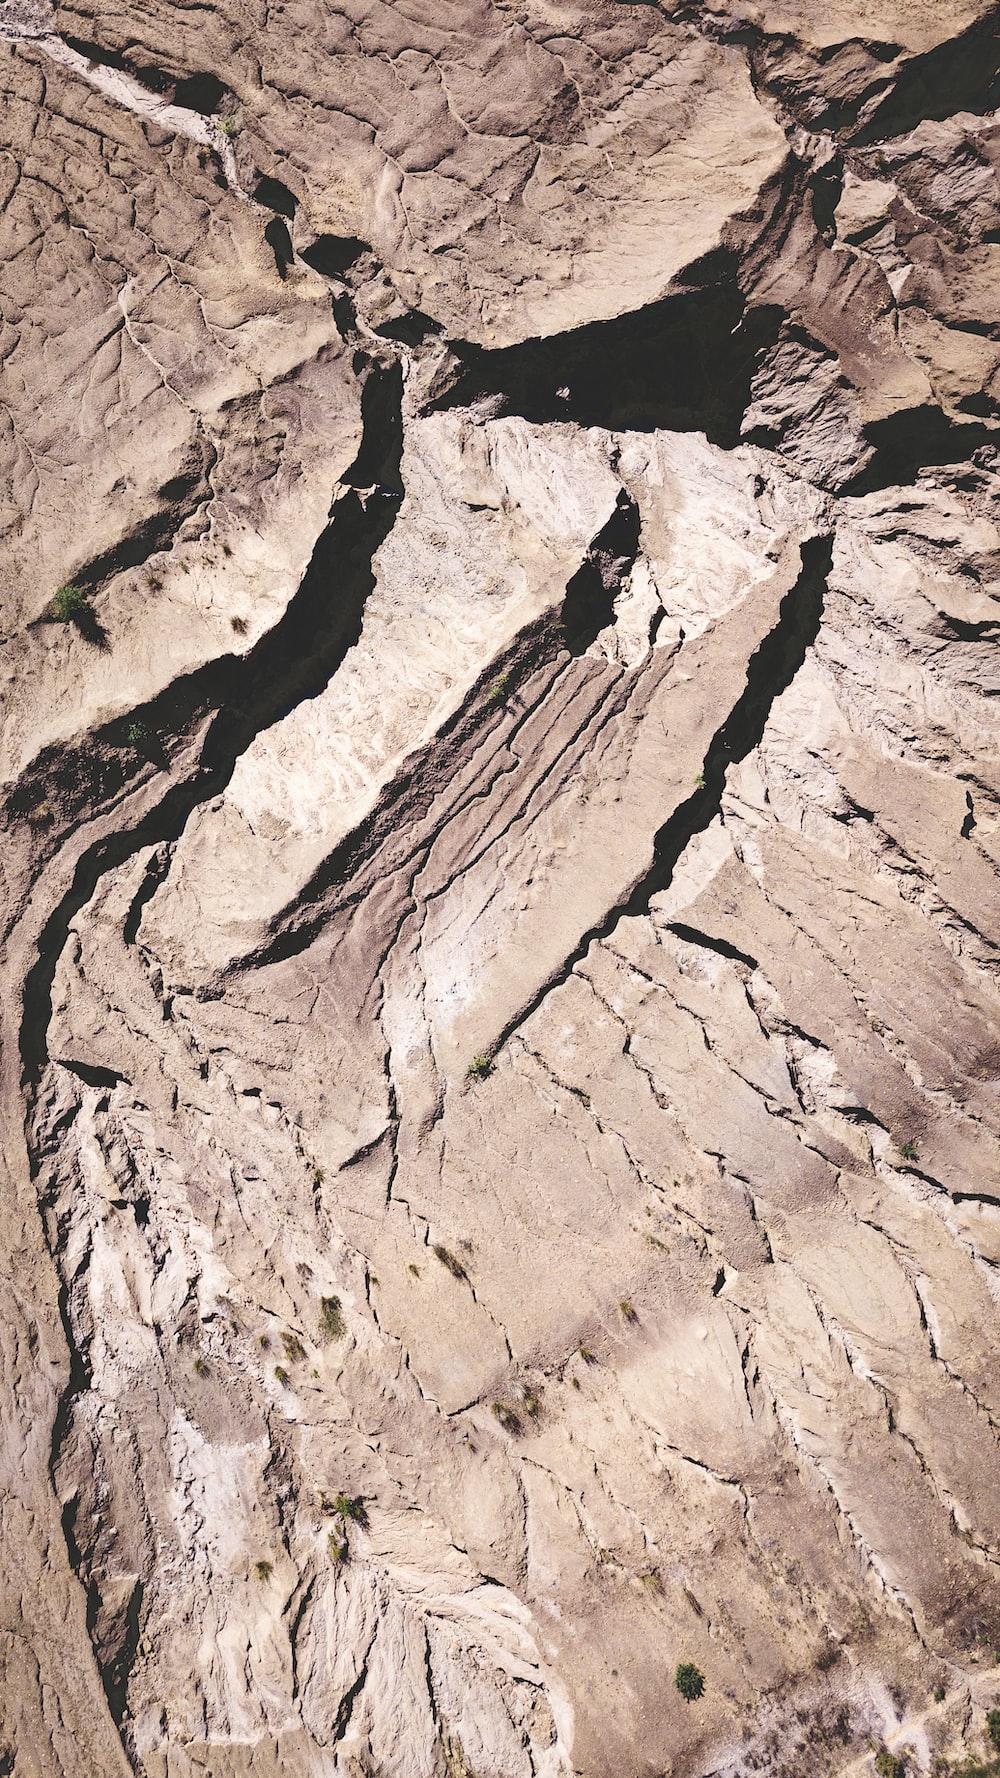 brown soil during daytime